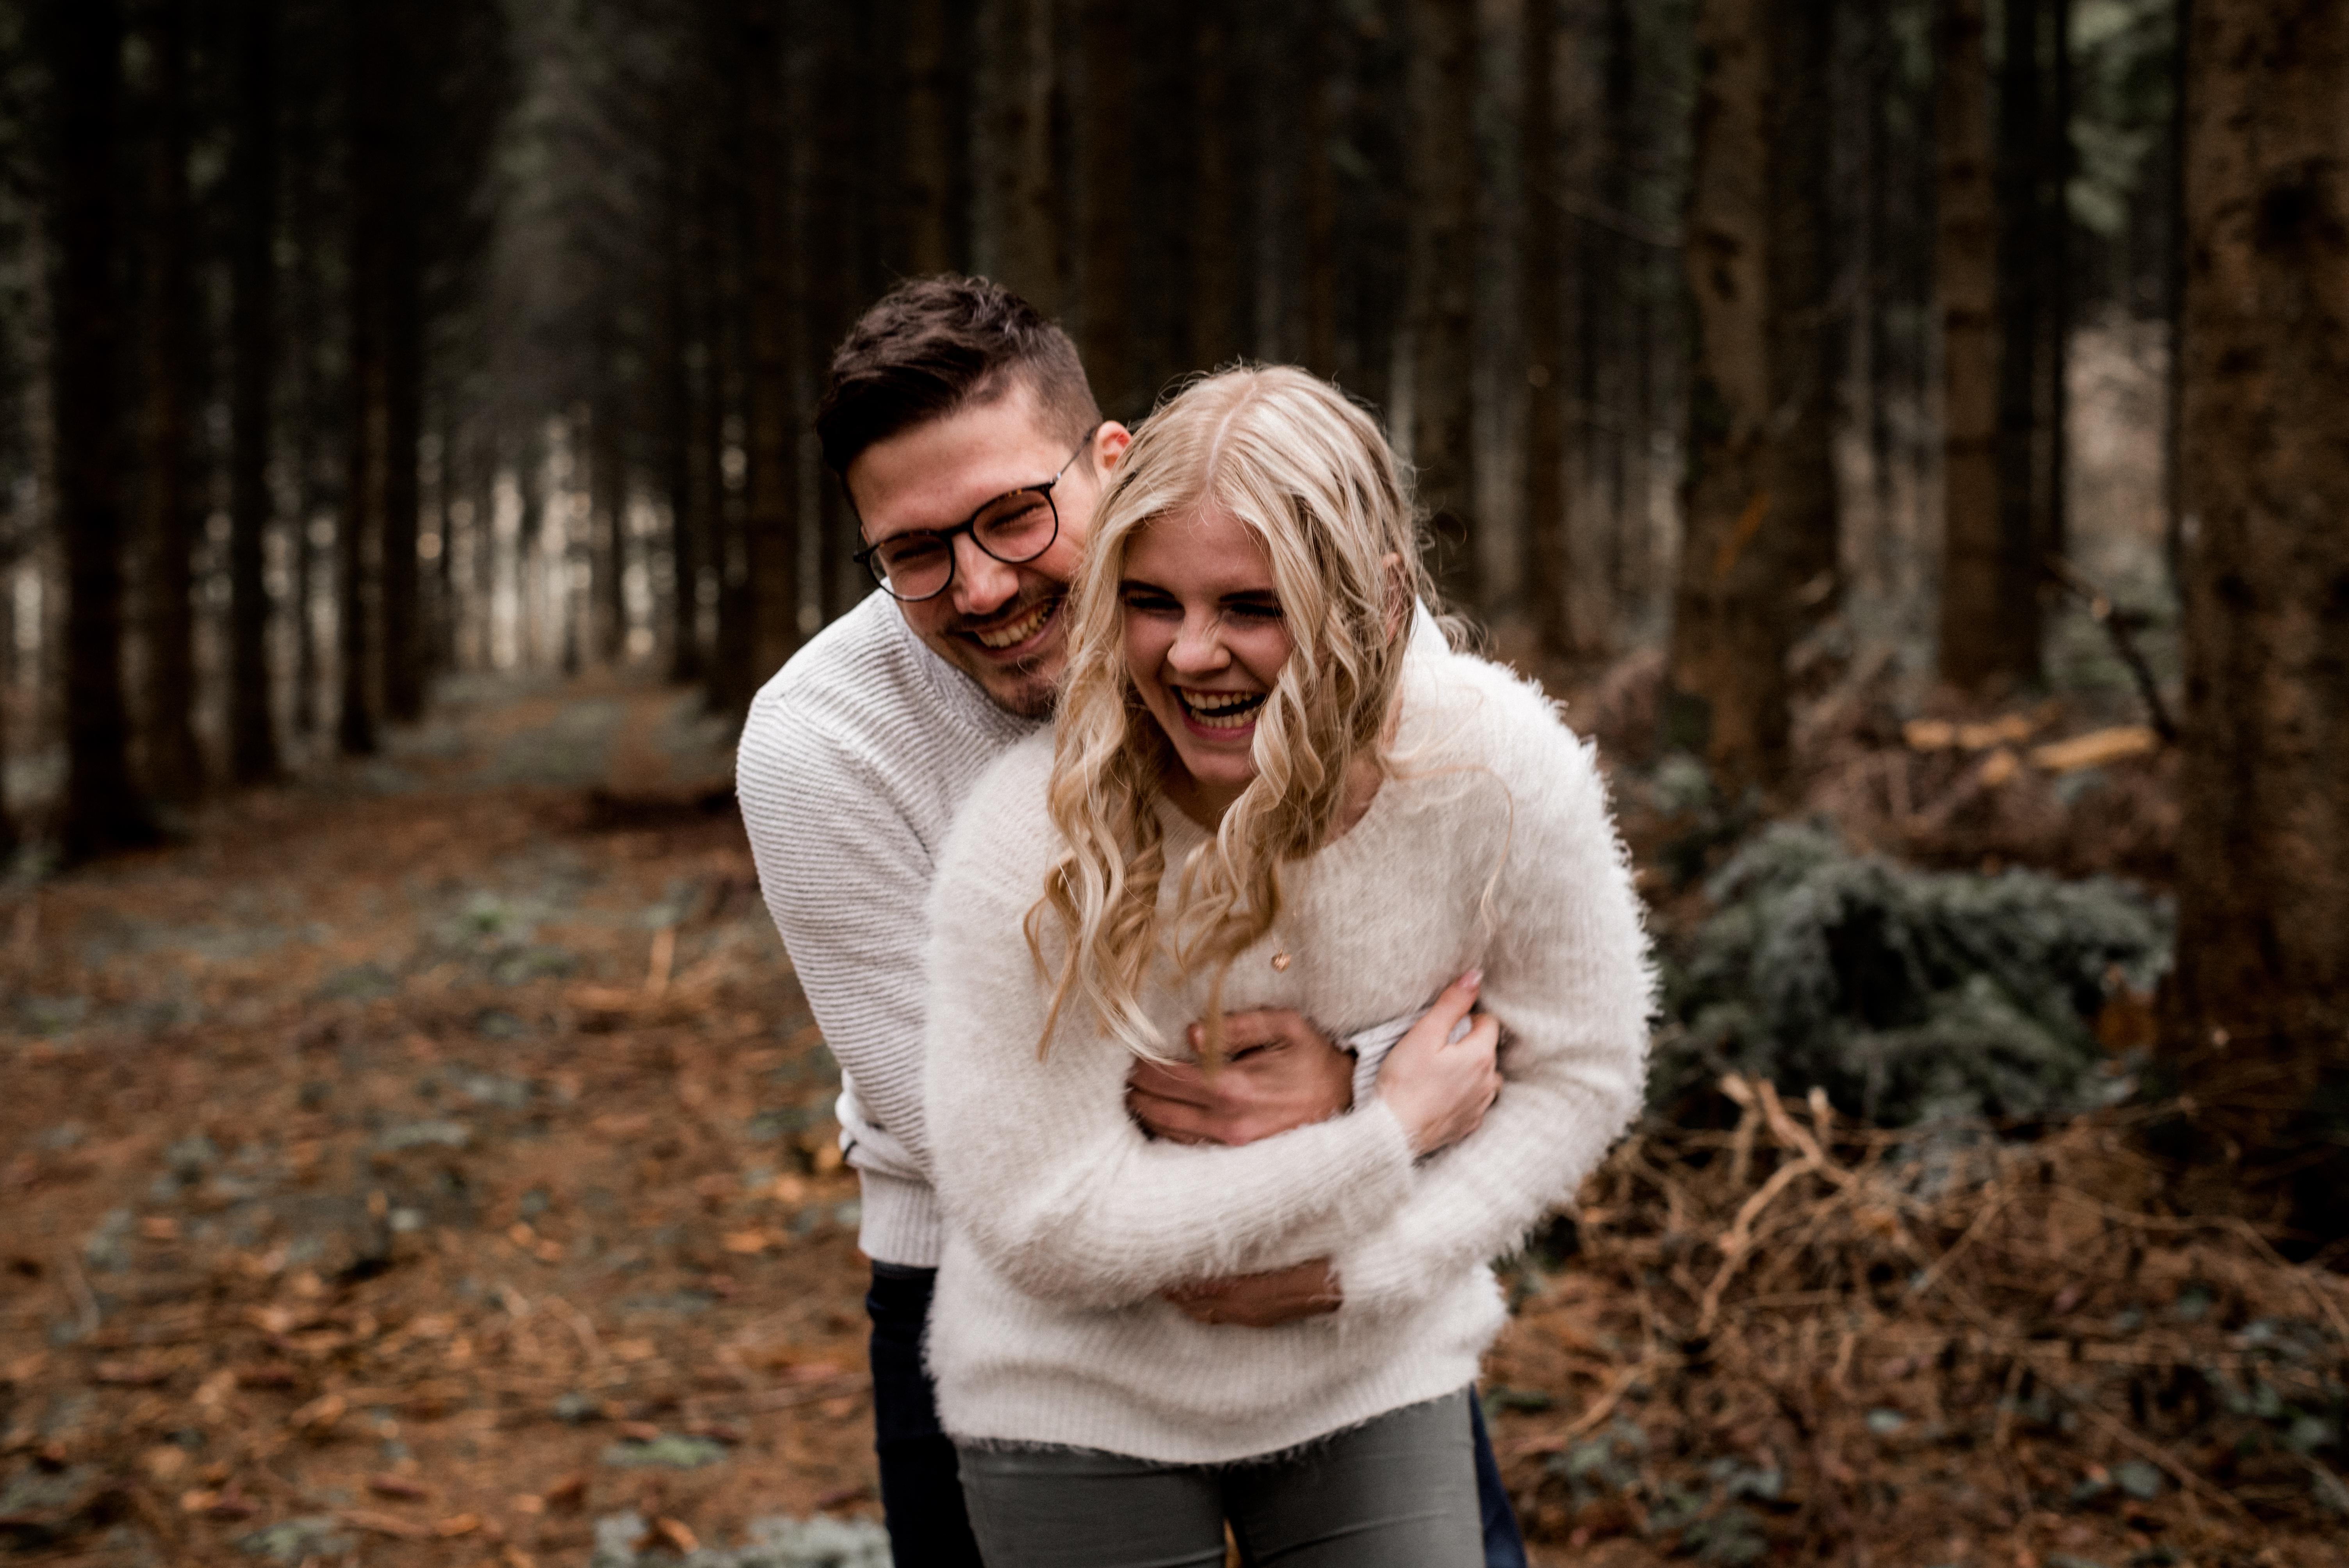 Vorabshooting Wedding Hochzeot Hochzeitsfotograf Weddiing Westerwald RLP Hessen Limburg Heiraten